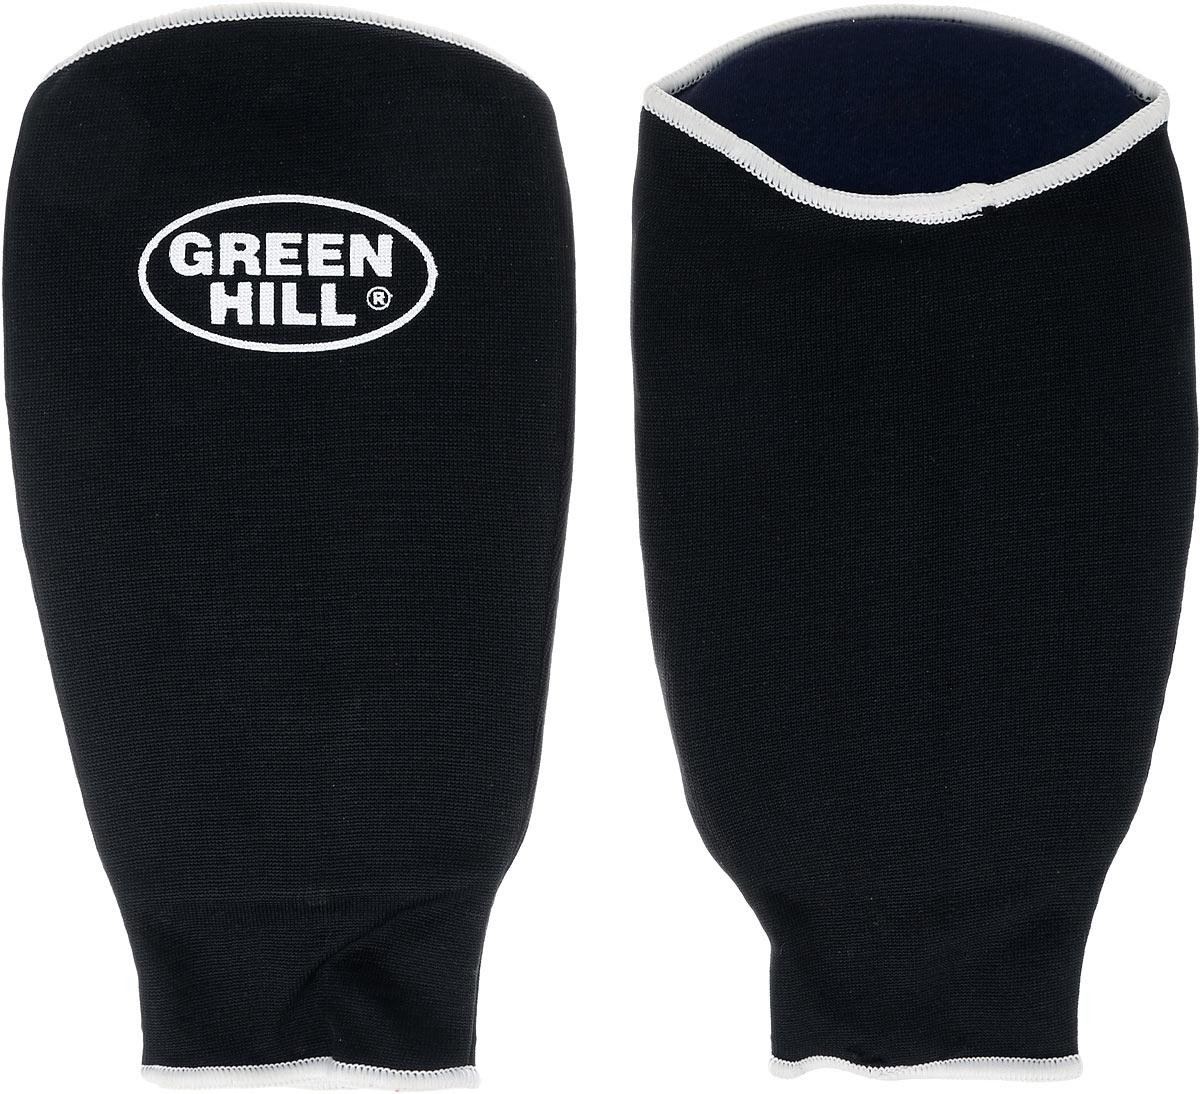 Защита на предплечье Green Hill, цвет: черный, белый. Размер XL. AP-6132AP178005Защита на предплечье Green Hill предназначена для занятий различными видами единоборств. Она защищает руки от синяков и ушибов. Защита изготовлена из хлопка с эластаном, мягкие вкладки изготовлены из вспененного полимера.